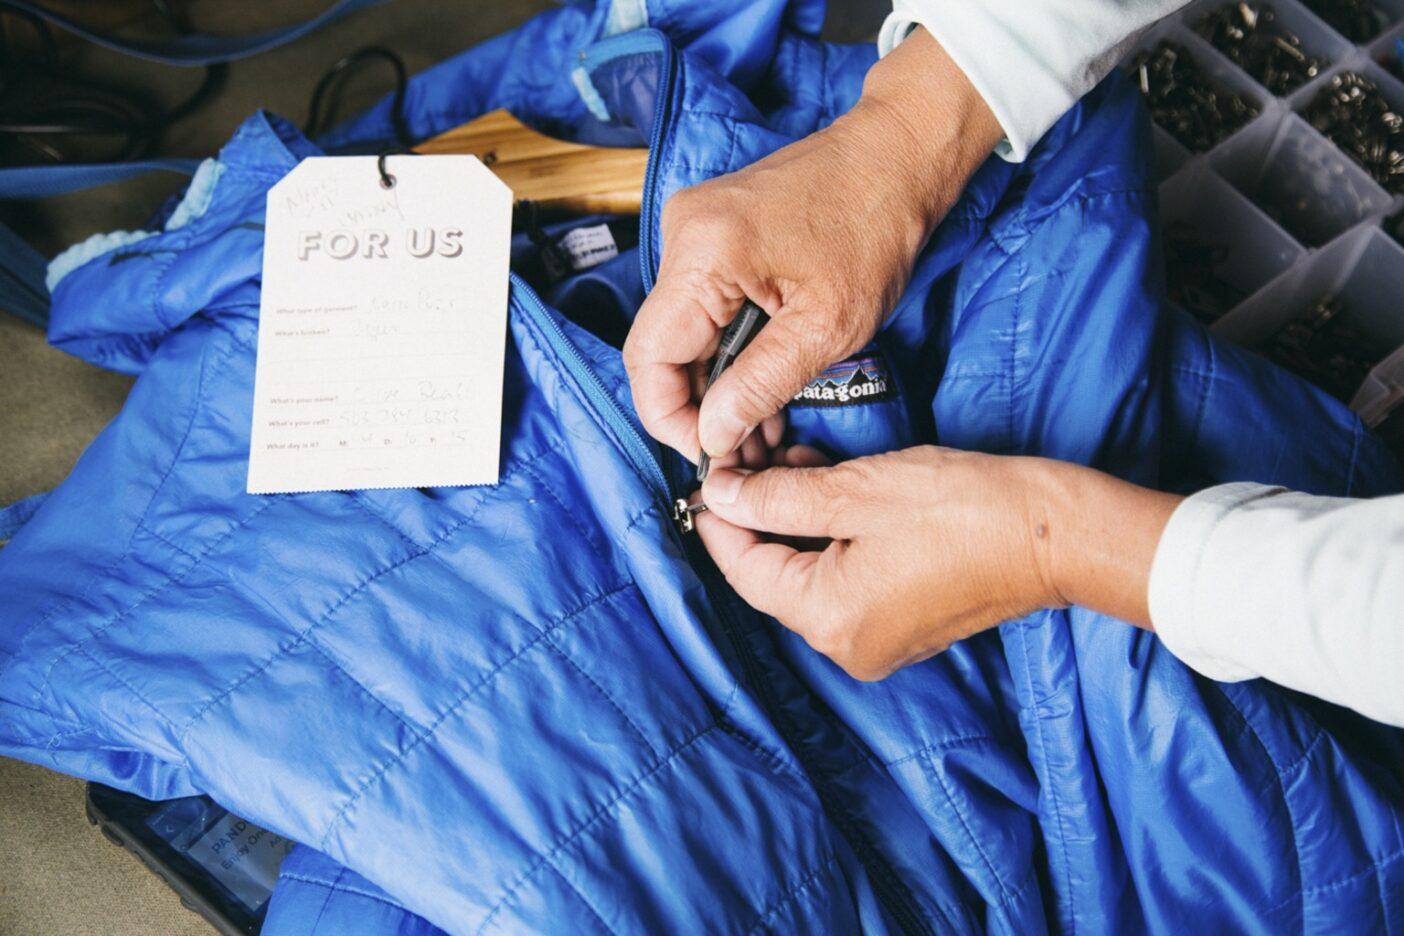 ジッパーの破損は衣料品にとって必ずしも死刑宣告ではないため、Worn Wearのスタッフは、常に多種多様な交換用ジッパーを備蓄し、衣類の生まれ変わりに備えている。Photo: Donnie Hedden